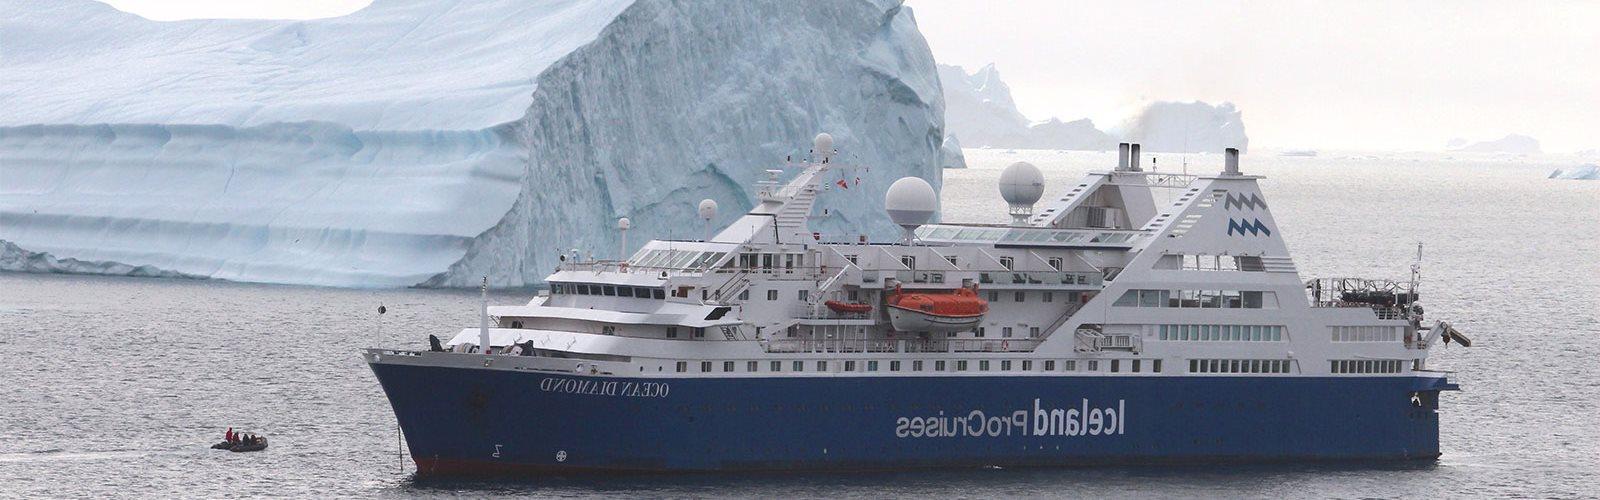 Seereisen Und Schiffsreisen Island Und Gr 246 Nland Top Angebote